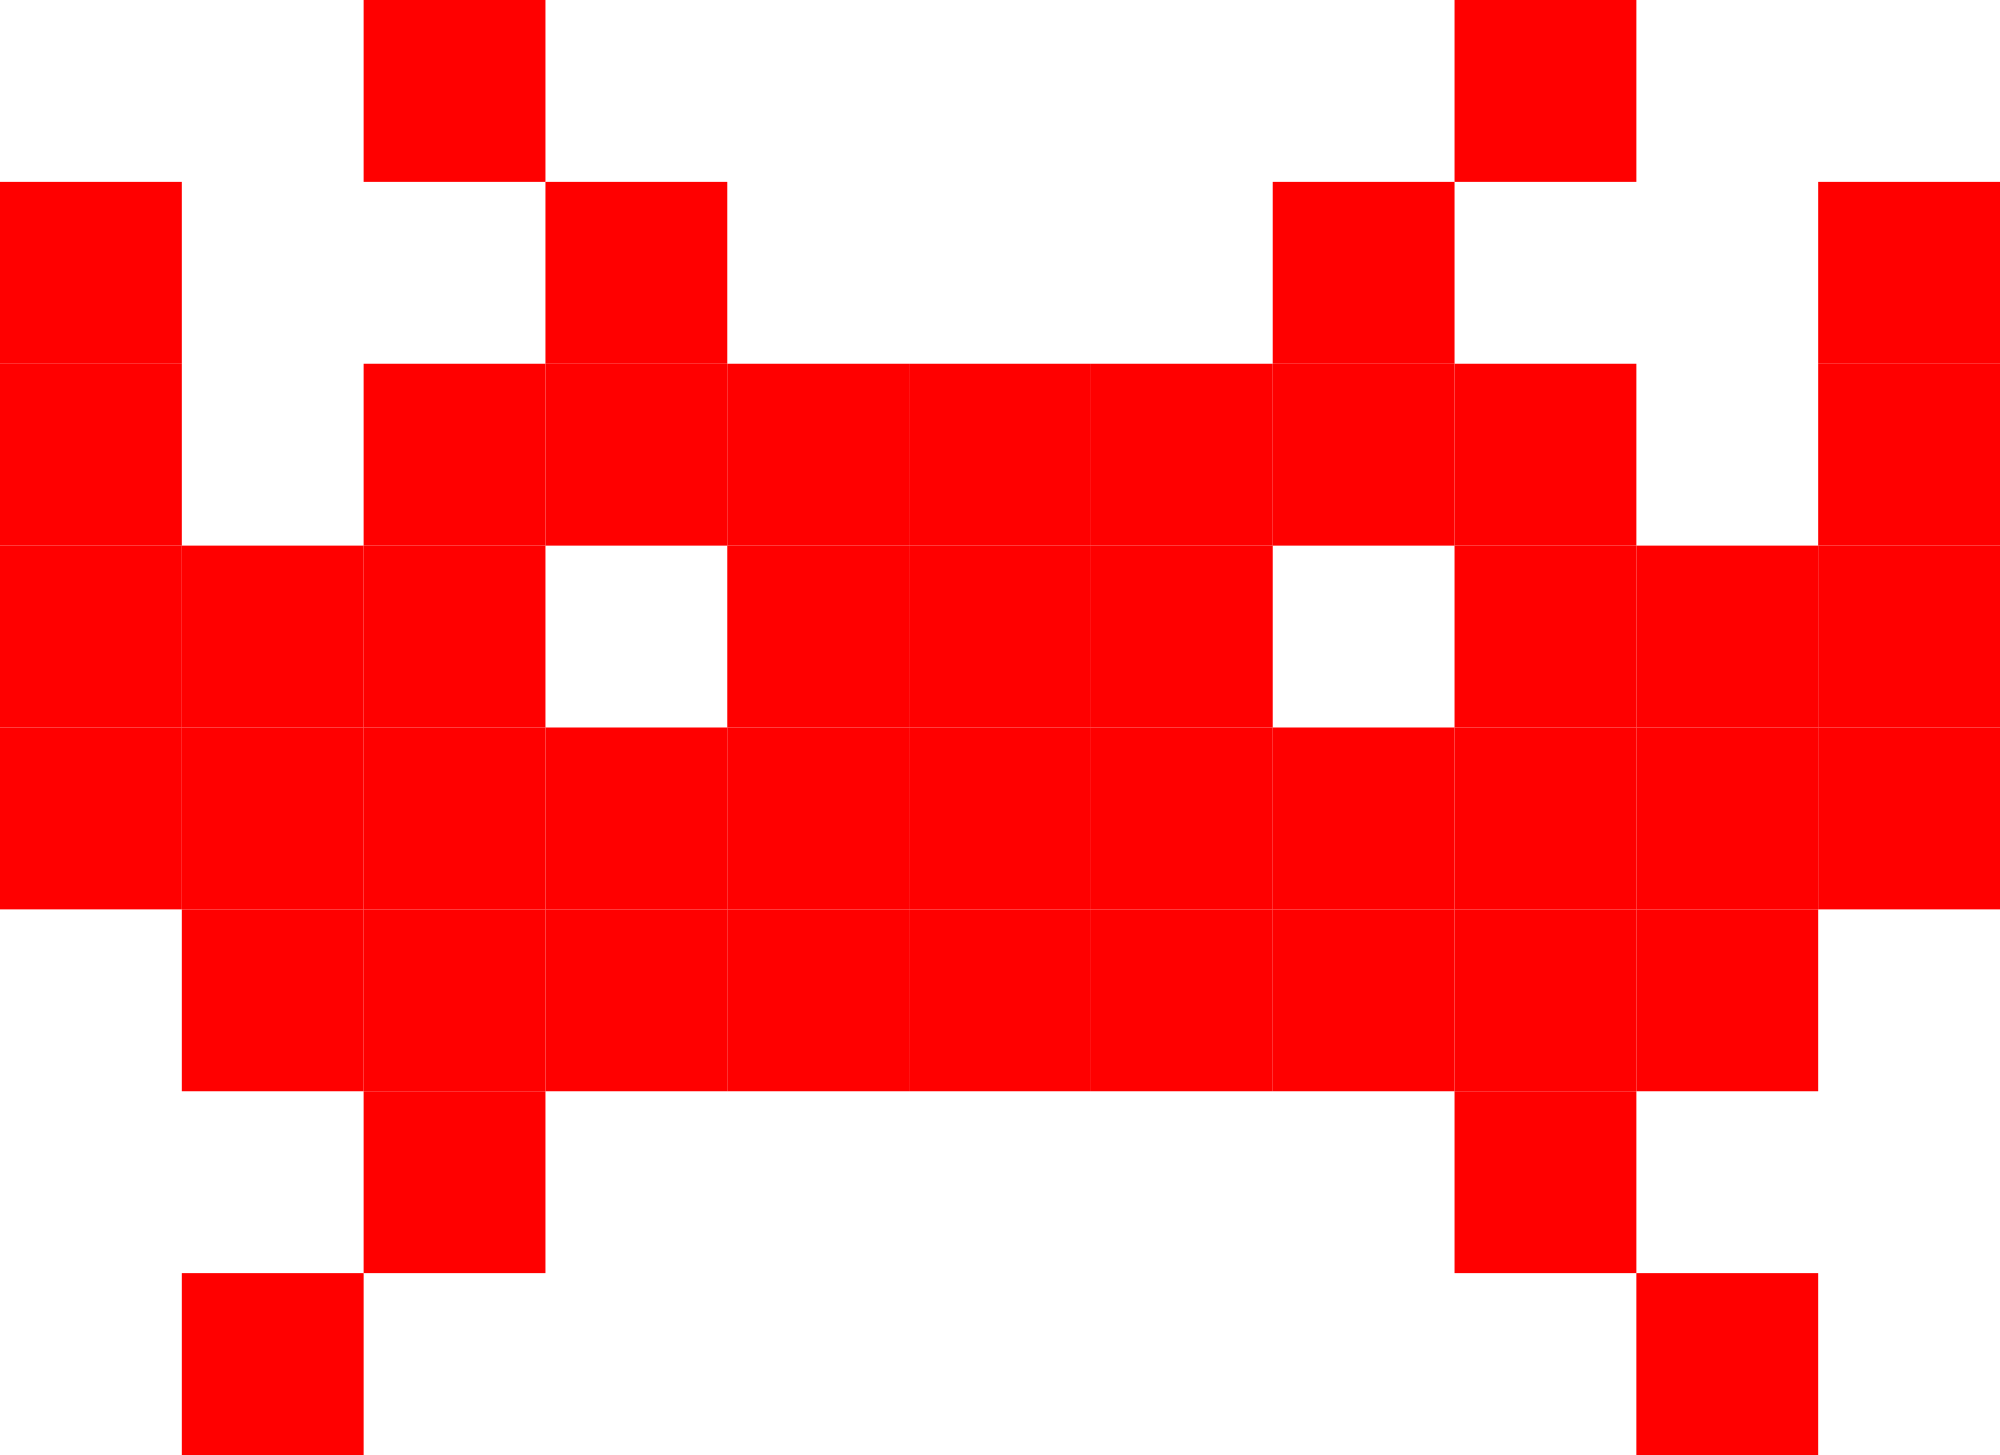 2000x1455 15 Vector Alien Space Invaders For Free Download On Mbtskoudsalg